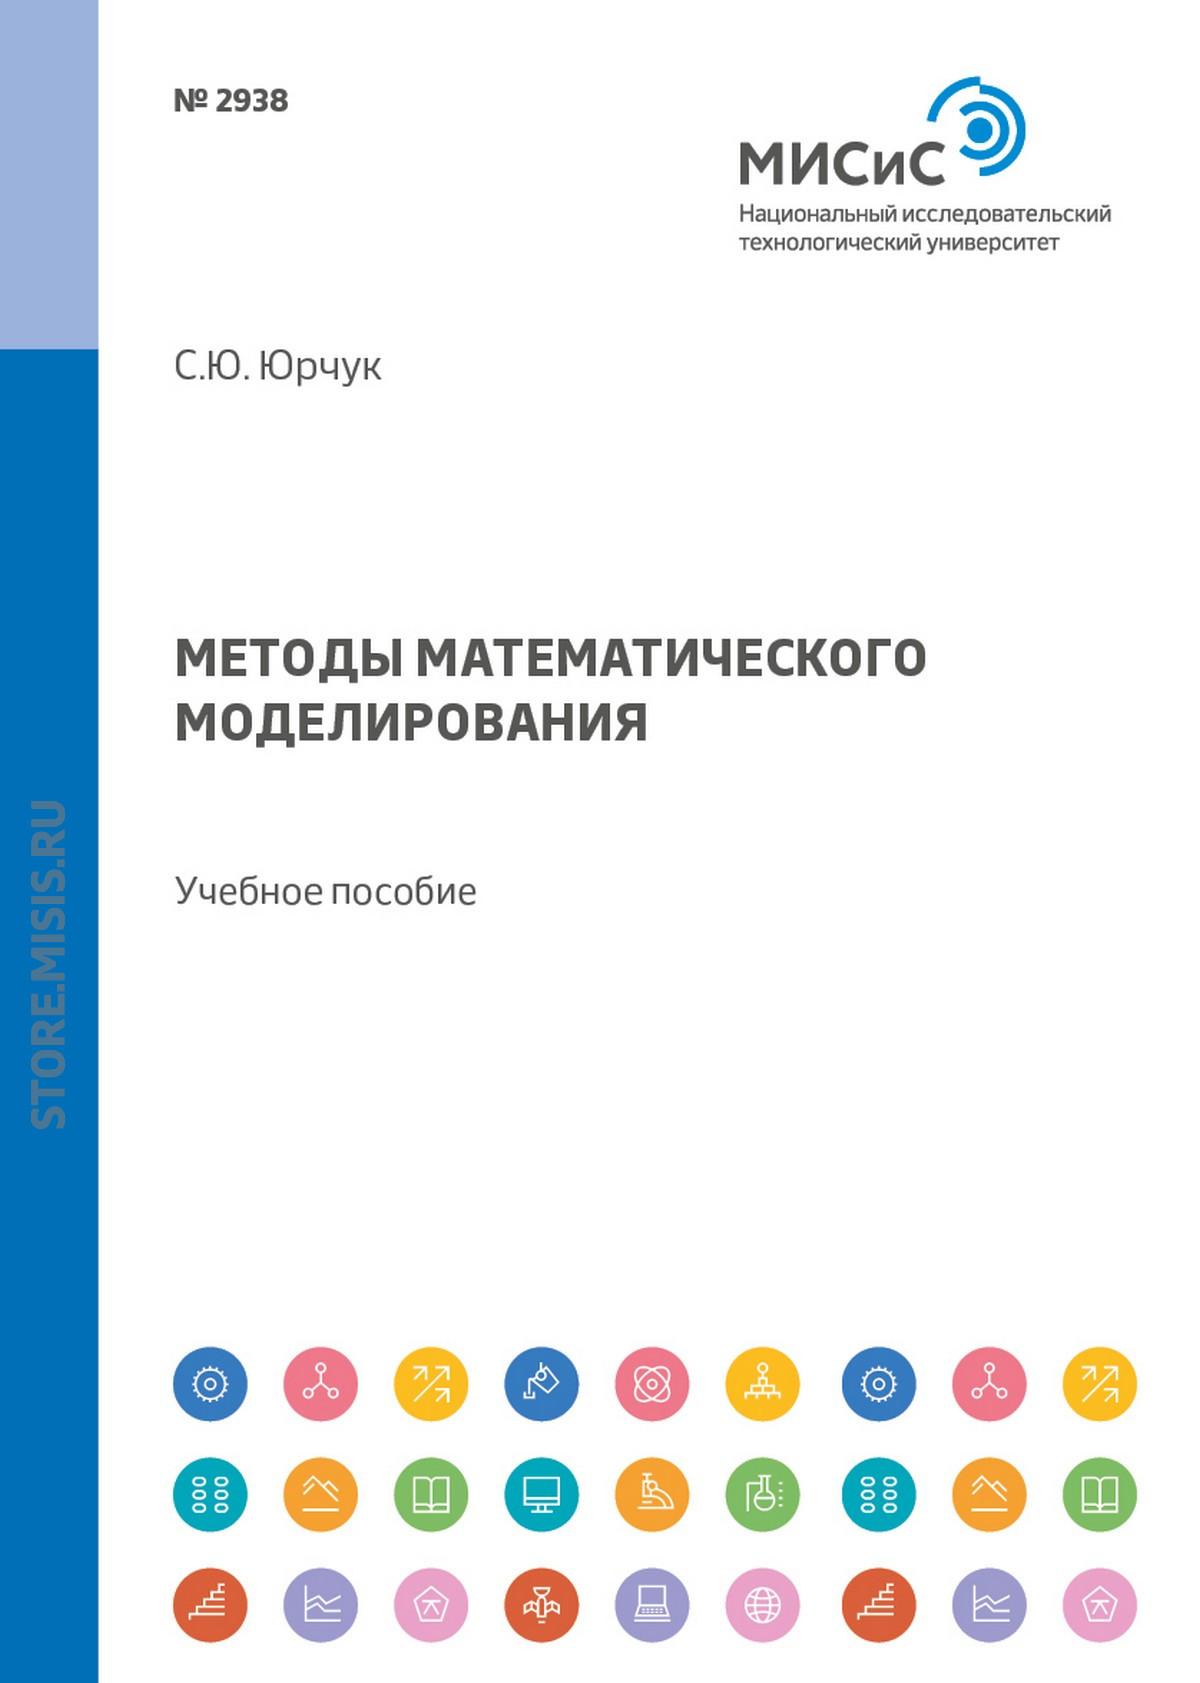 цена С. Ю. Юрчук Методы математического моделирования. Учебное пособие